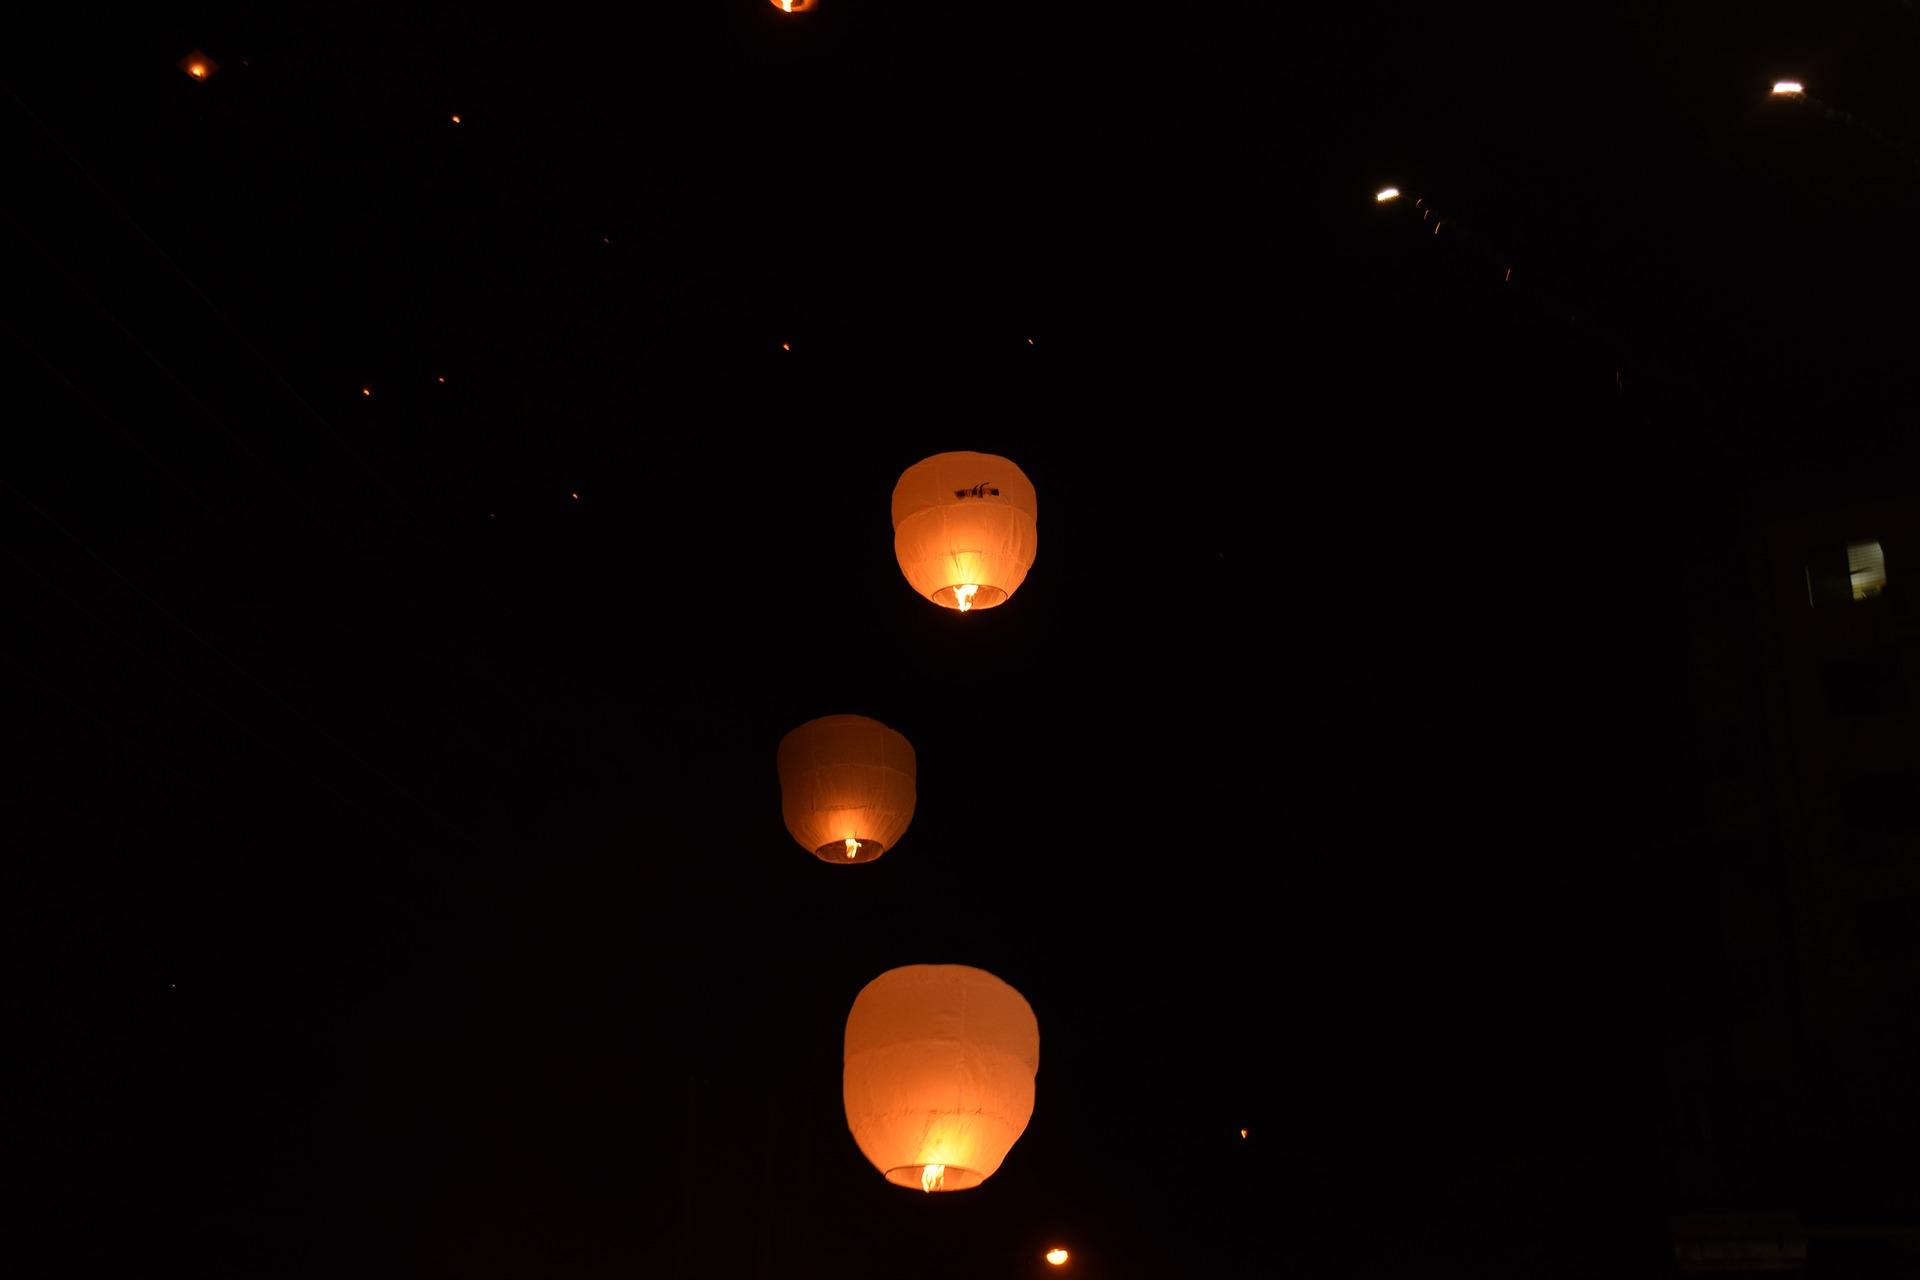 肘折温泉・七夕 LEDスカイランタンフェスタ ー七夕の夜に願いを込めてー